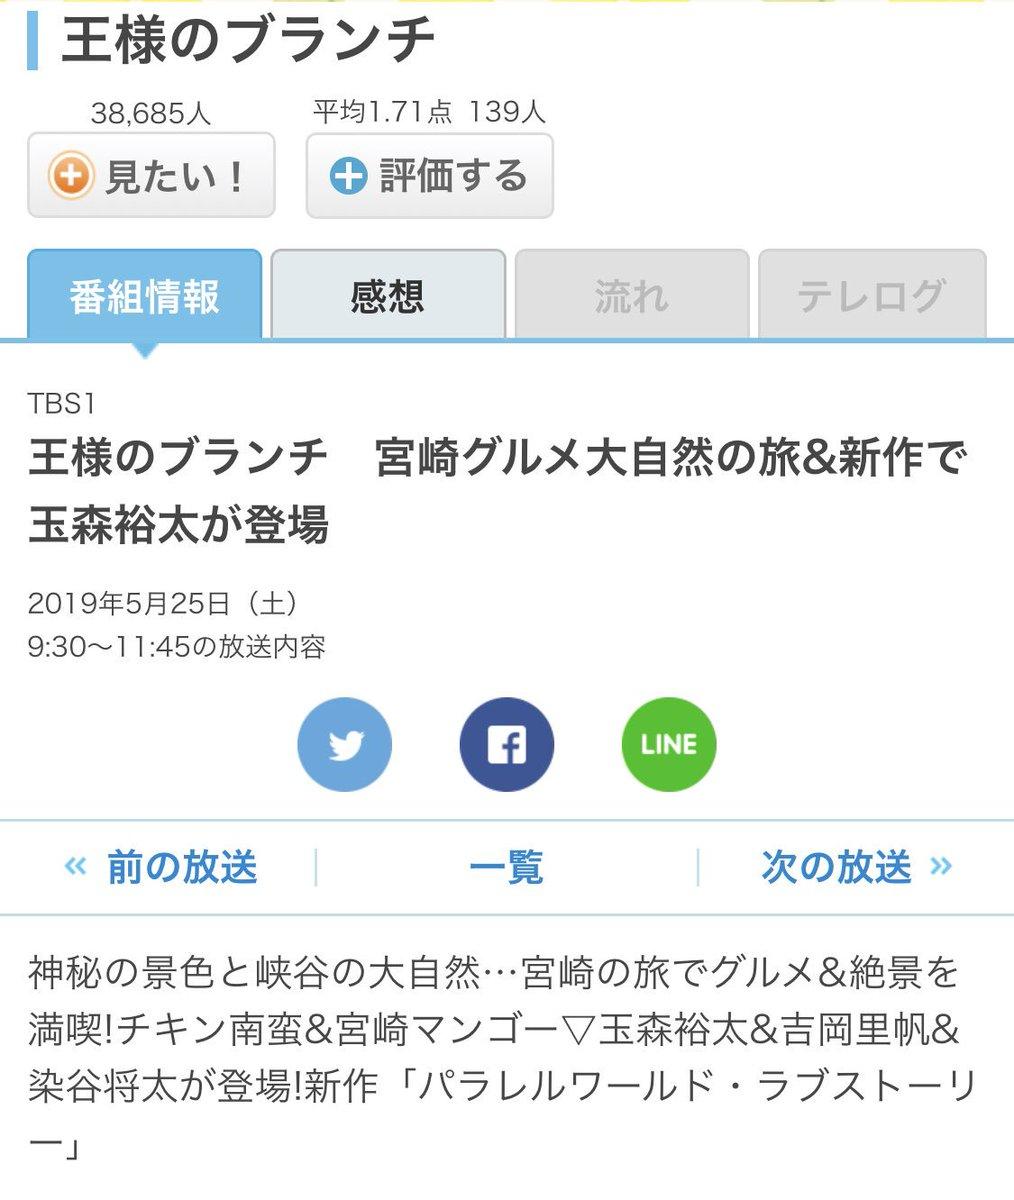 Kei.tama( 'Θ')ノ✨'s photo on #王様のブランチ